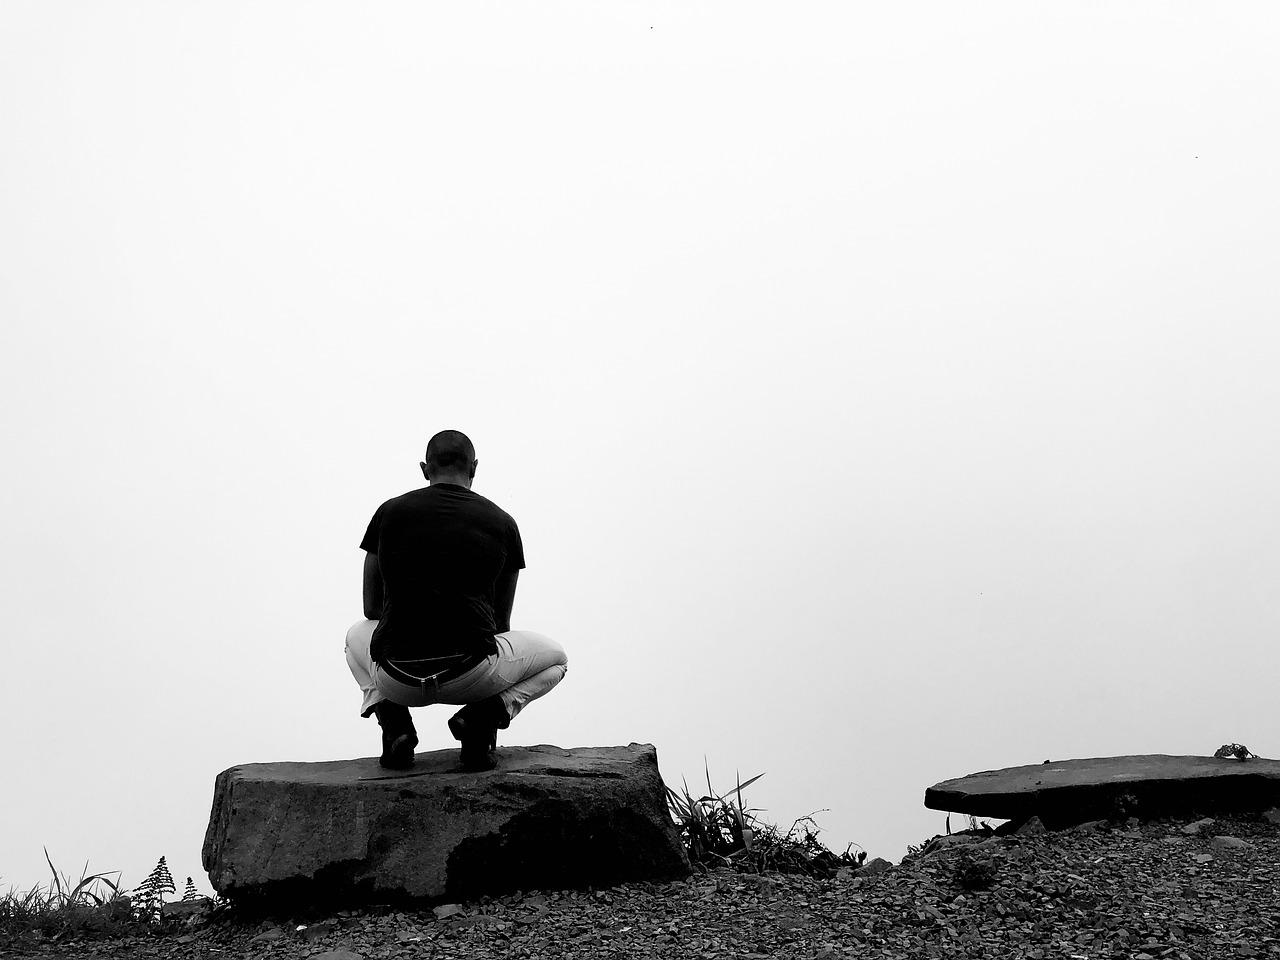 Прикольные картинки одинокого парня, карта